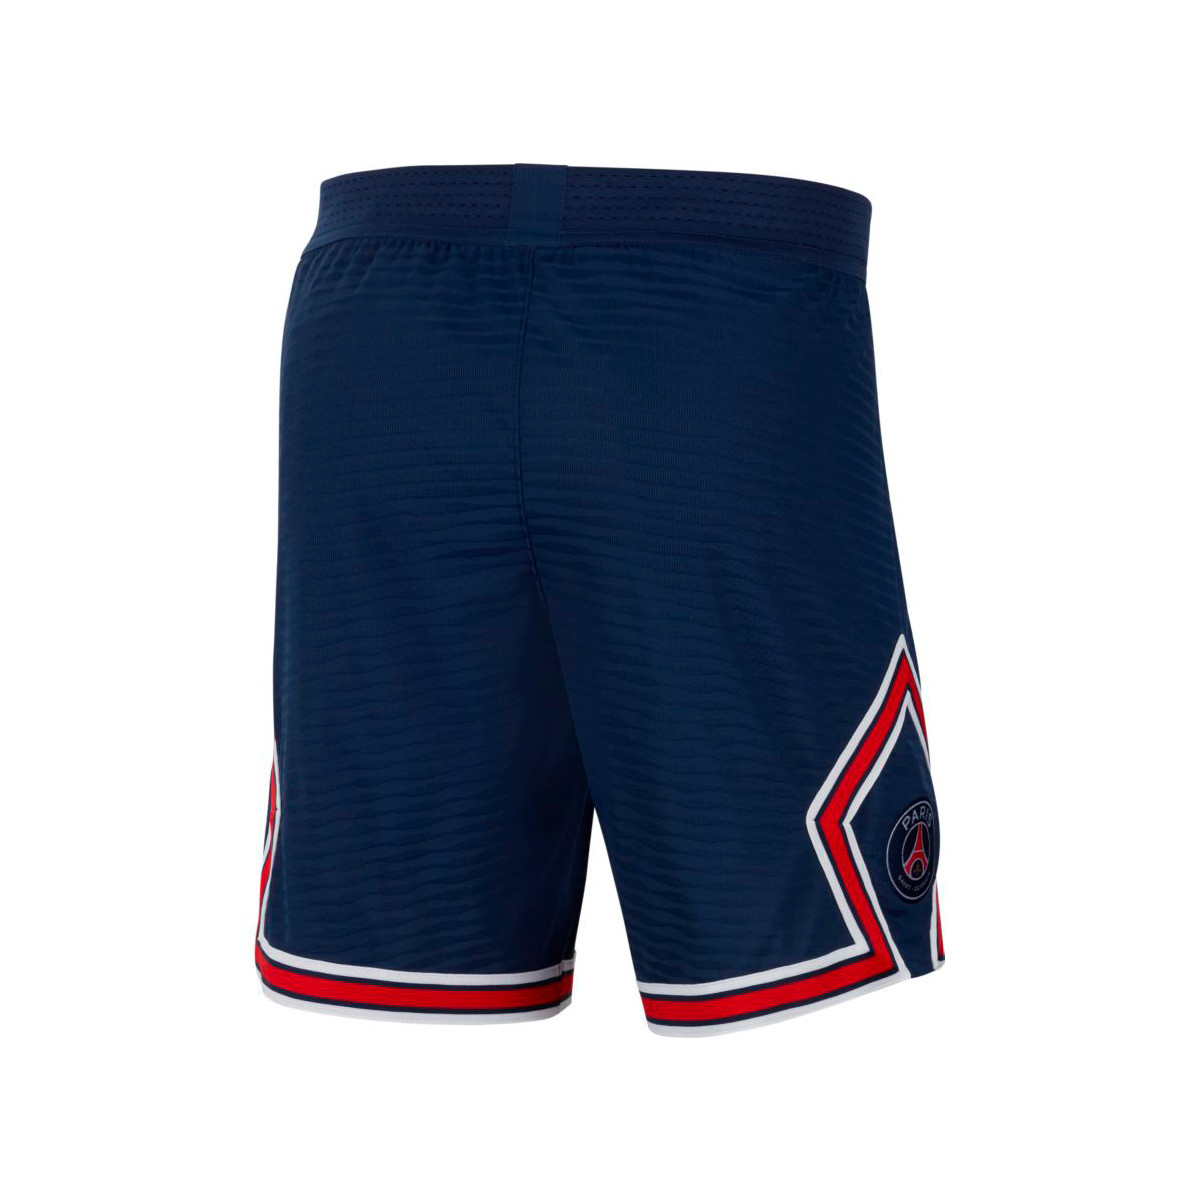 Nike Paris Saint Germain Match Home Kit Shorts 2021-2022 Shorts